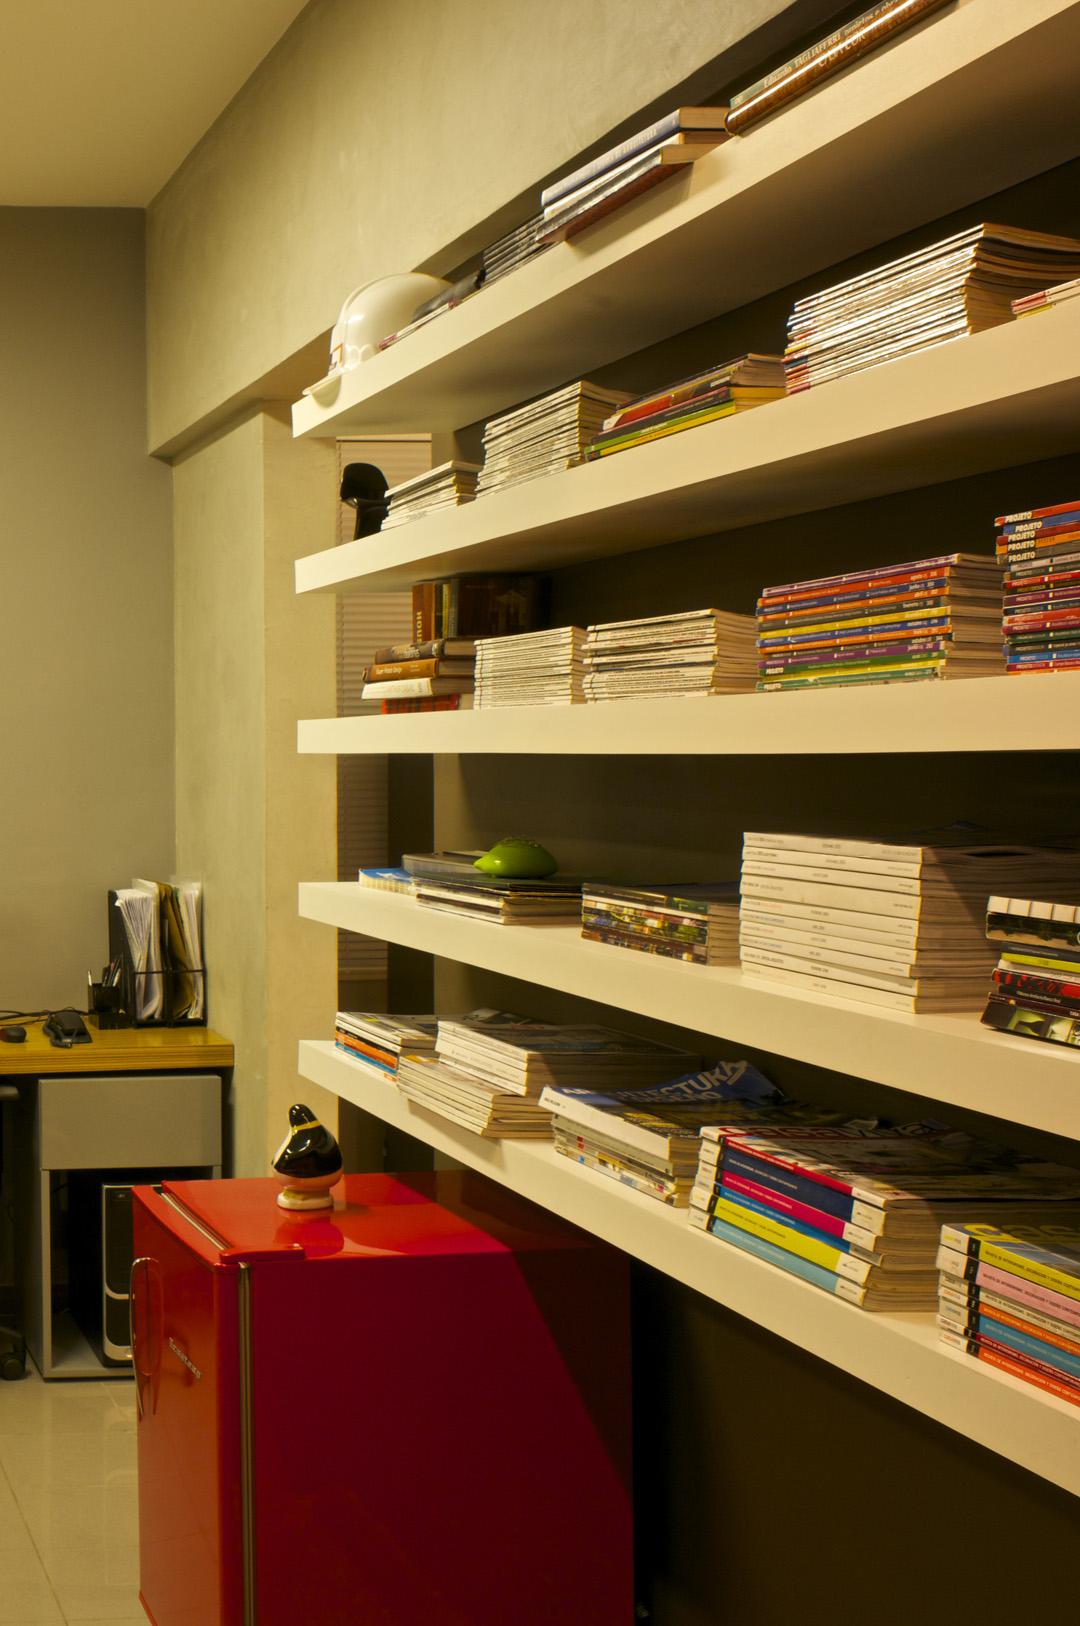 óbvio_escritório_de_arquitetura_49